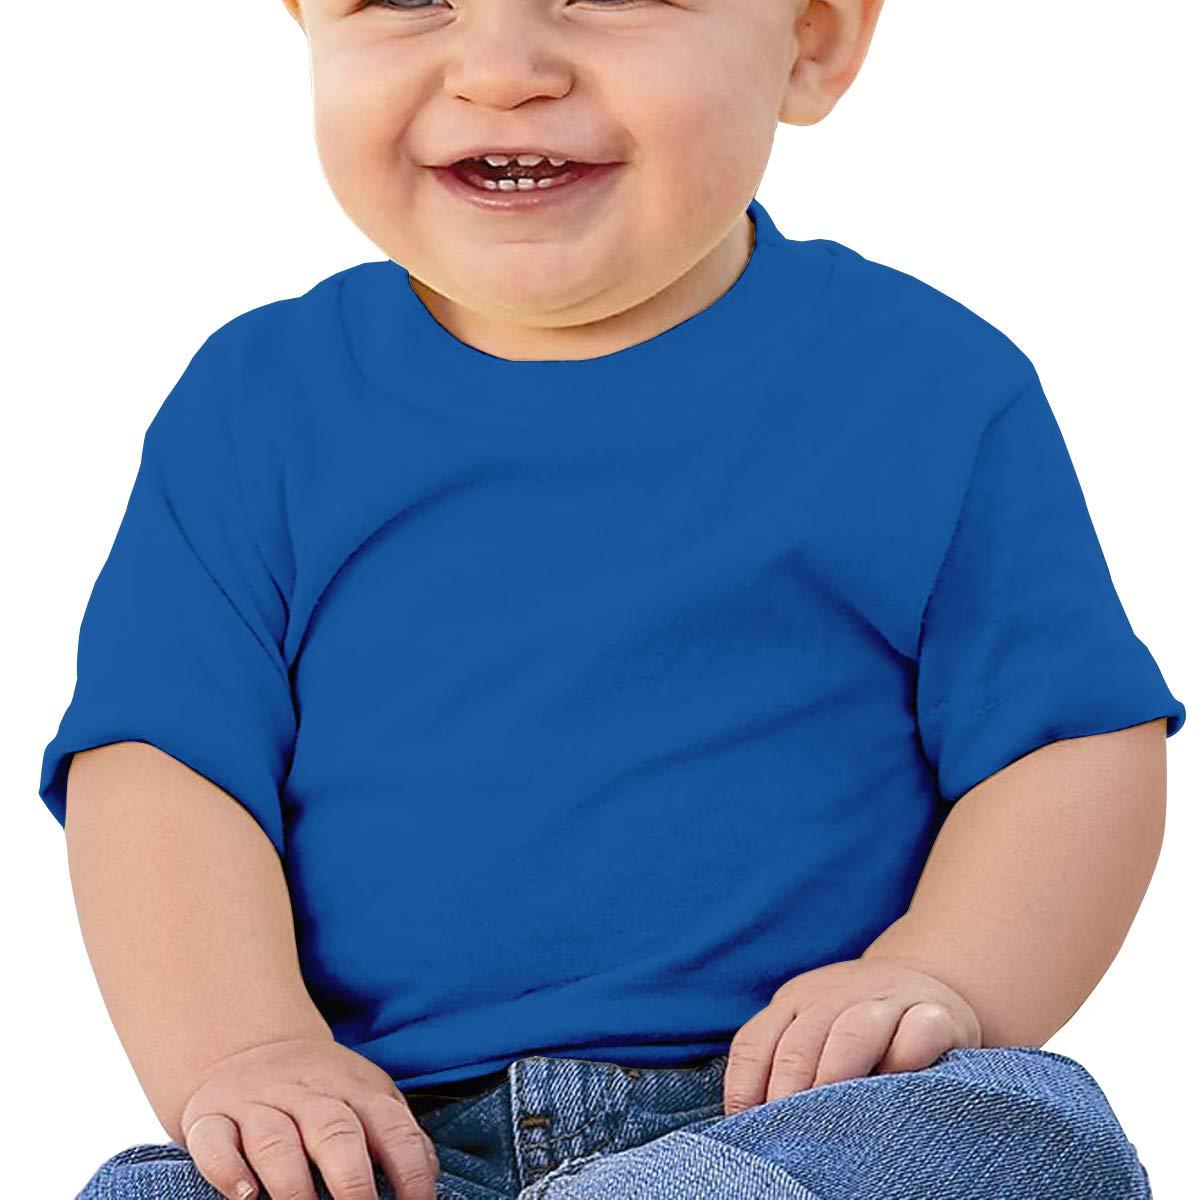 f8faeaa79 Amazon.com  Julyshine Running Boy Girls and Dog Baby T-Shirt One ...